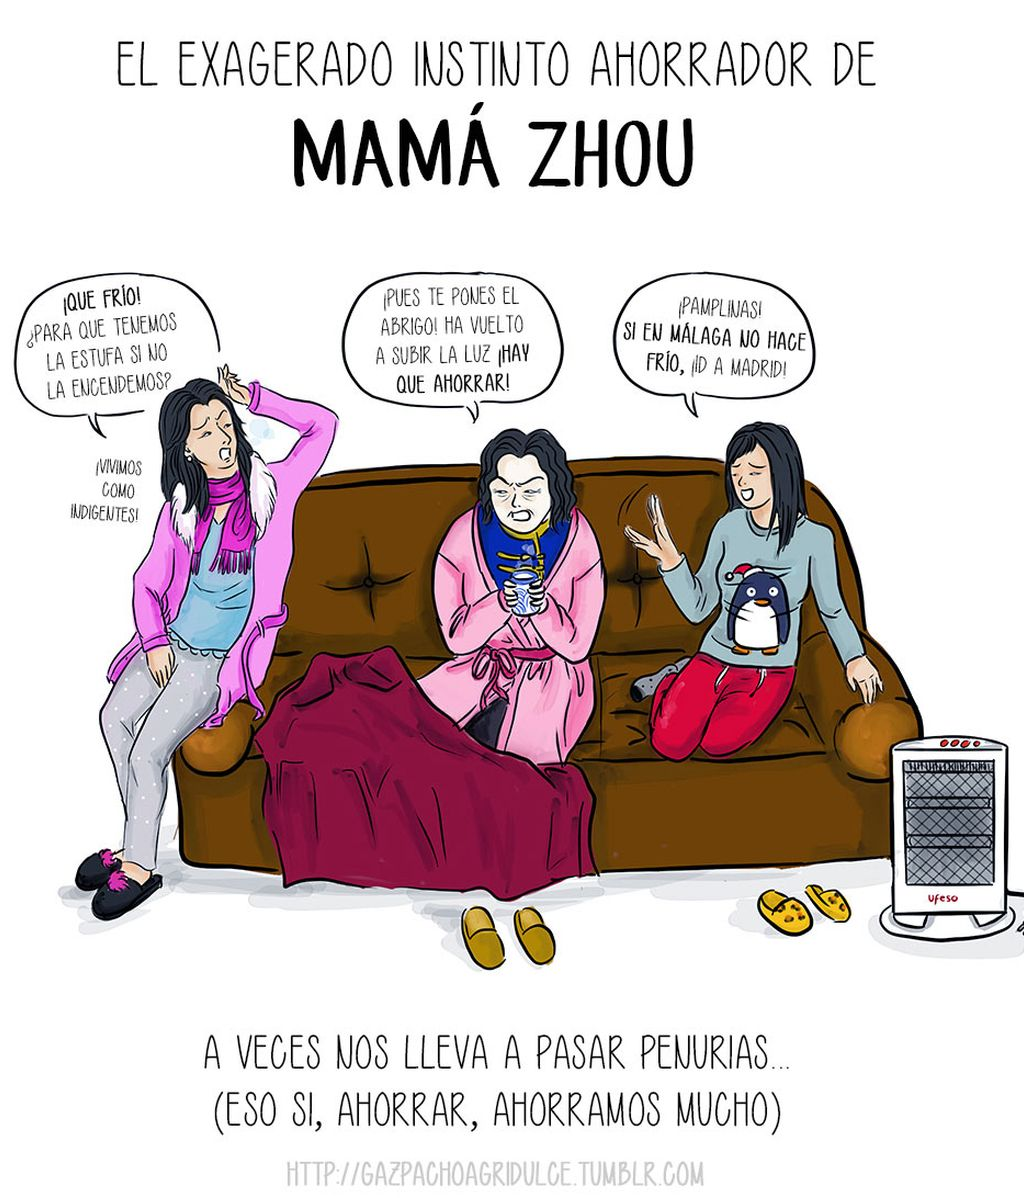 9. El exagerado instinto ahorrador de Mamá Zhou